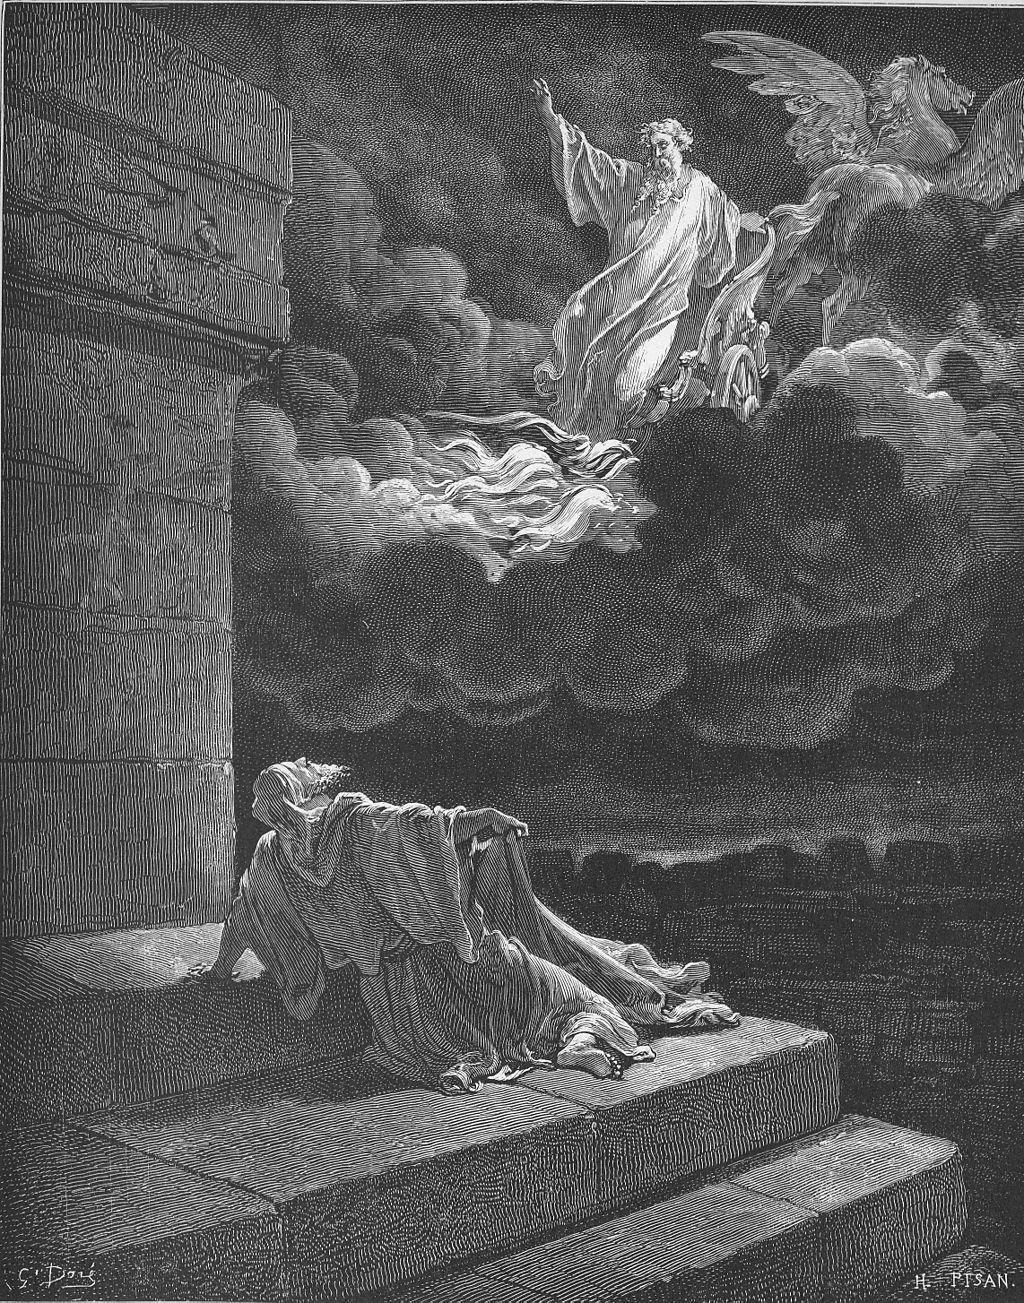 불병거를 타고 승천하는 엘리야 (귀스타브 도레, Gustave Doré, 1866년)